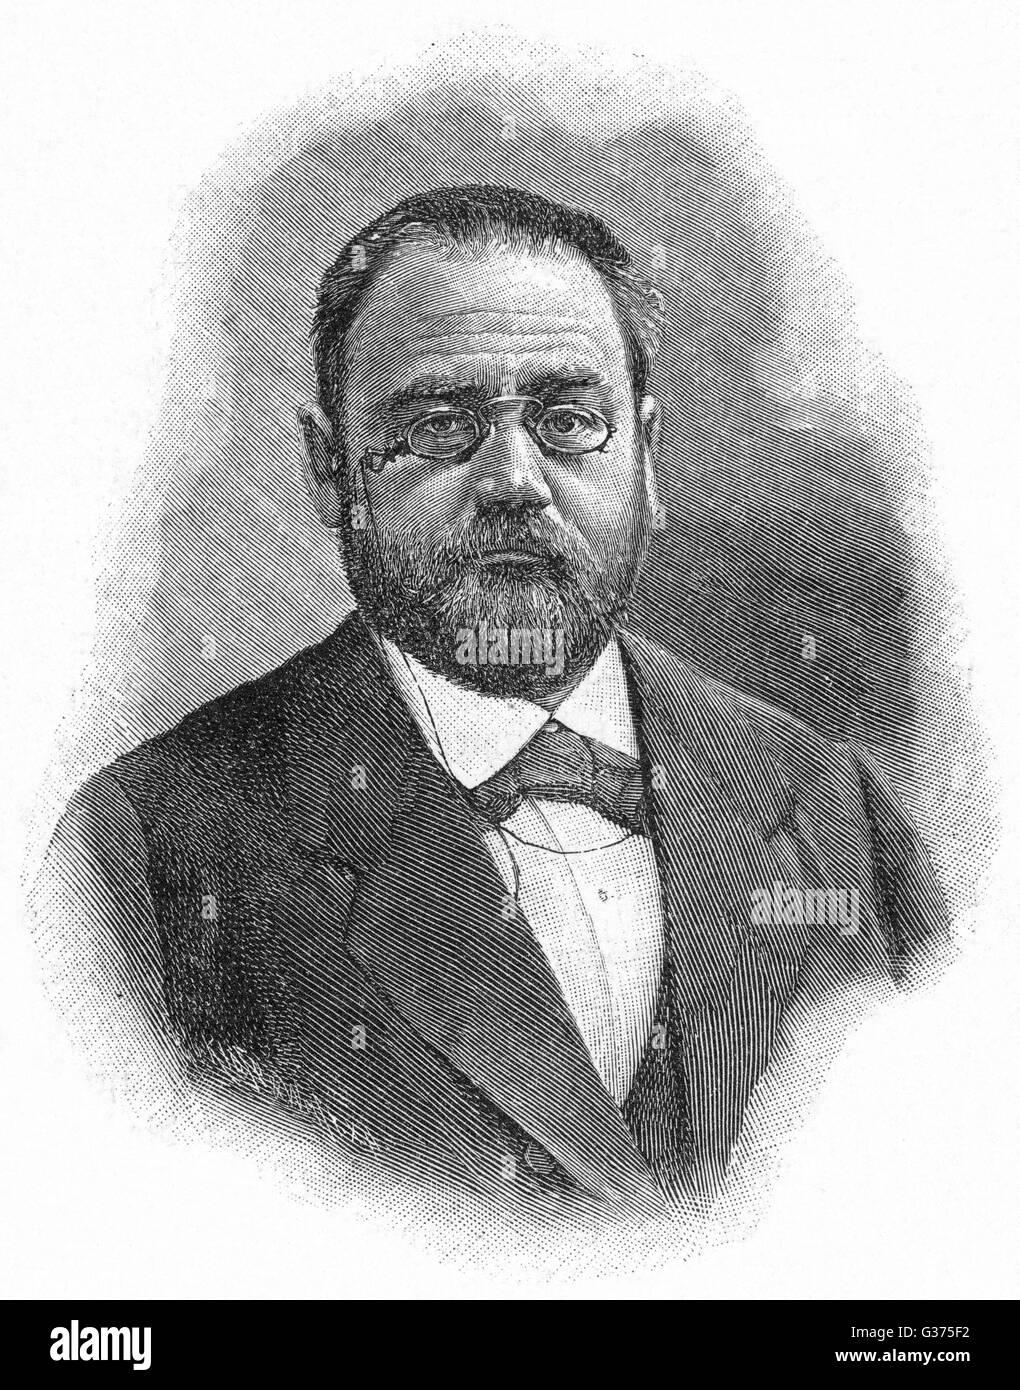 EMILE ZOLA écrivain et défenseur de Dreyfus Date: 1840 - 1902 Photo Stock